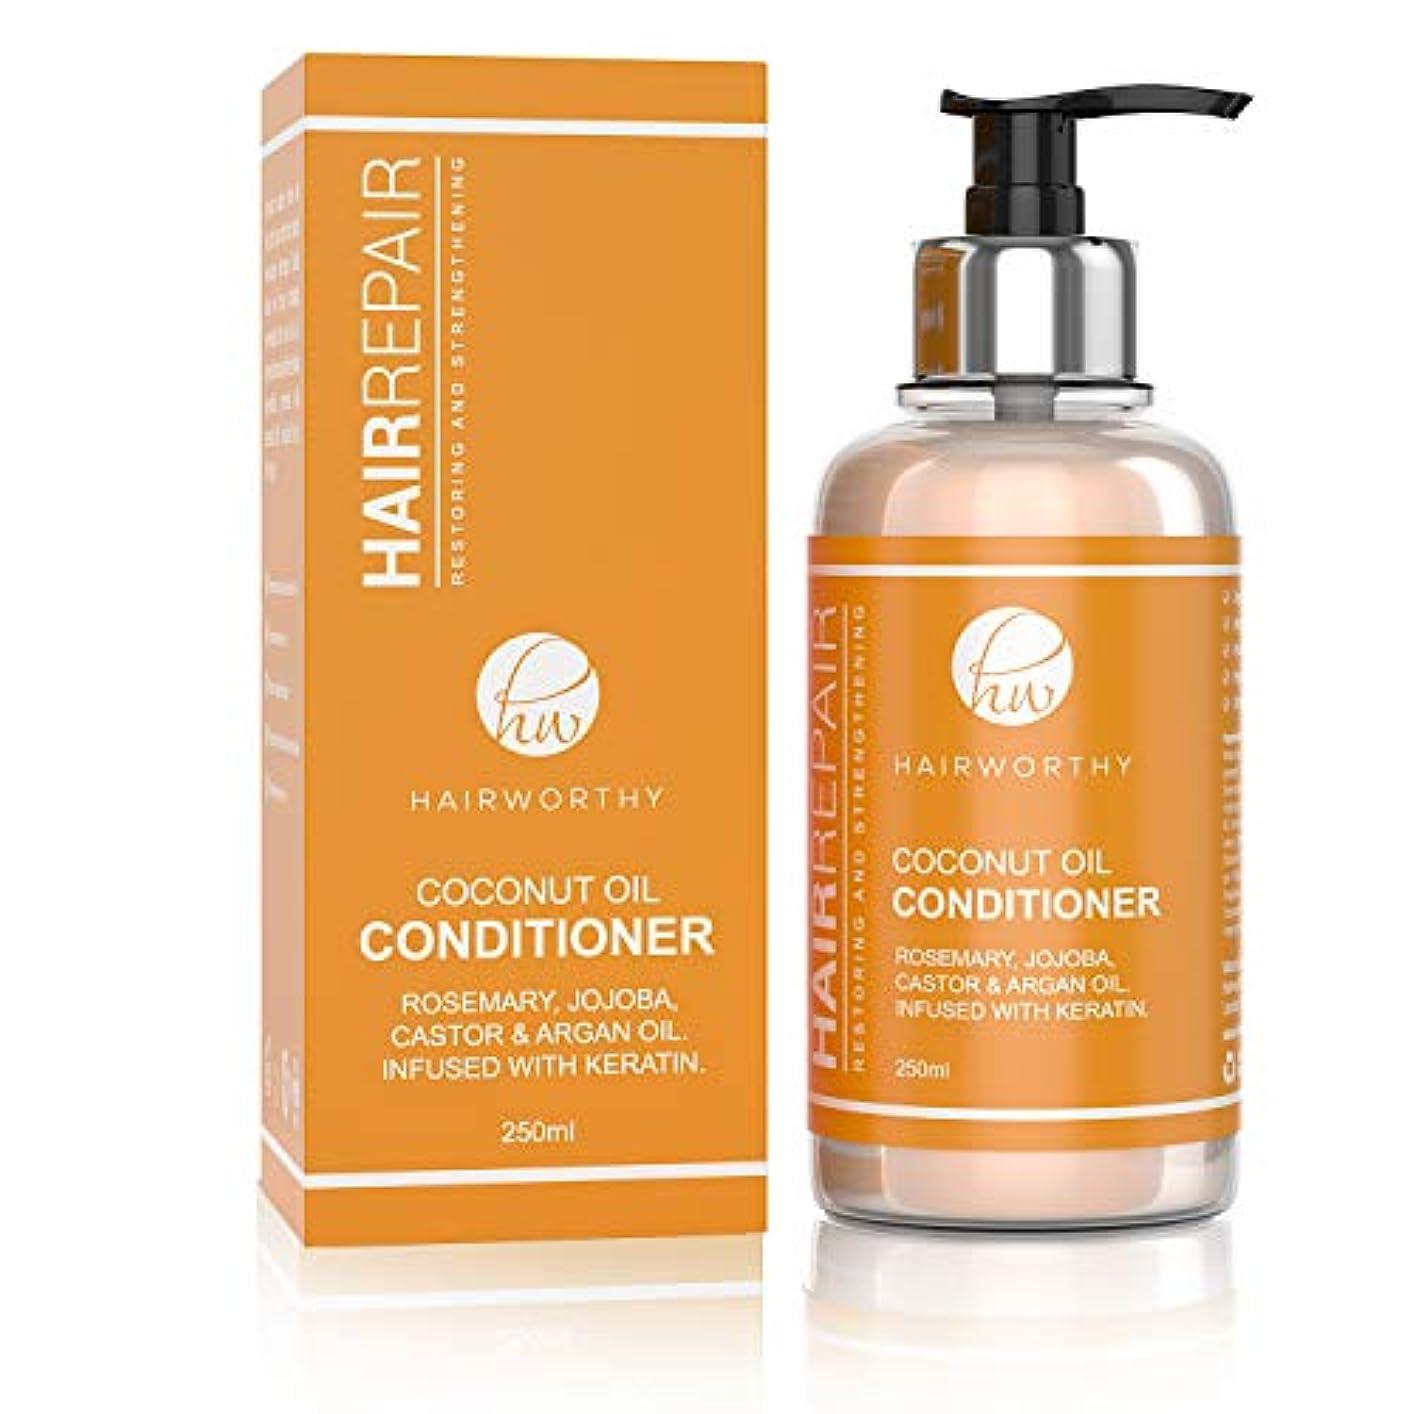 毎日重なるアシスタントHairworthy Hairrepair ヘアリペアココナッツオイルコンディショナー-ローズマリー、ホホバ、ヒマシ油、アルガンオイル。ケラチンを注入します。